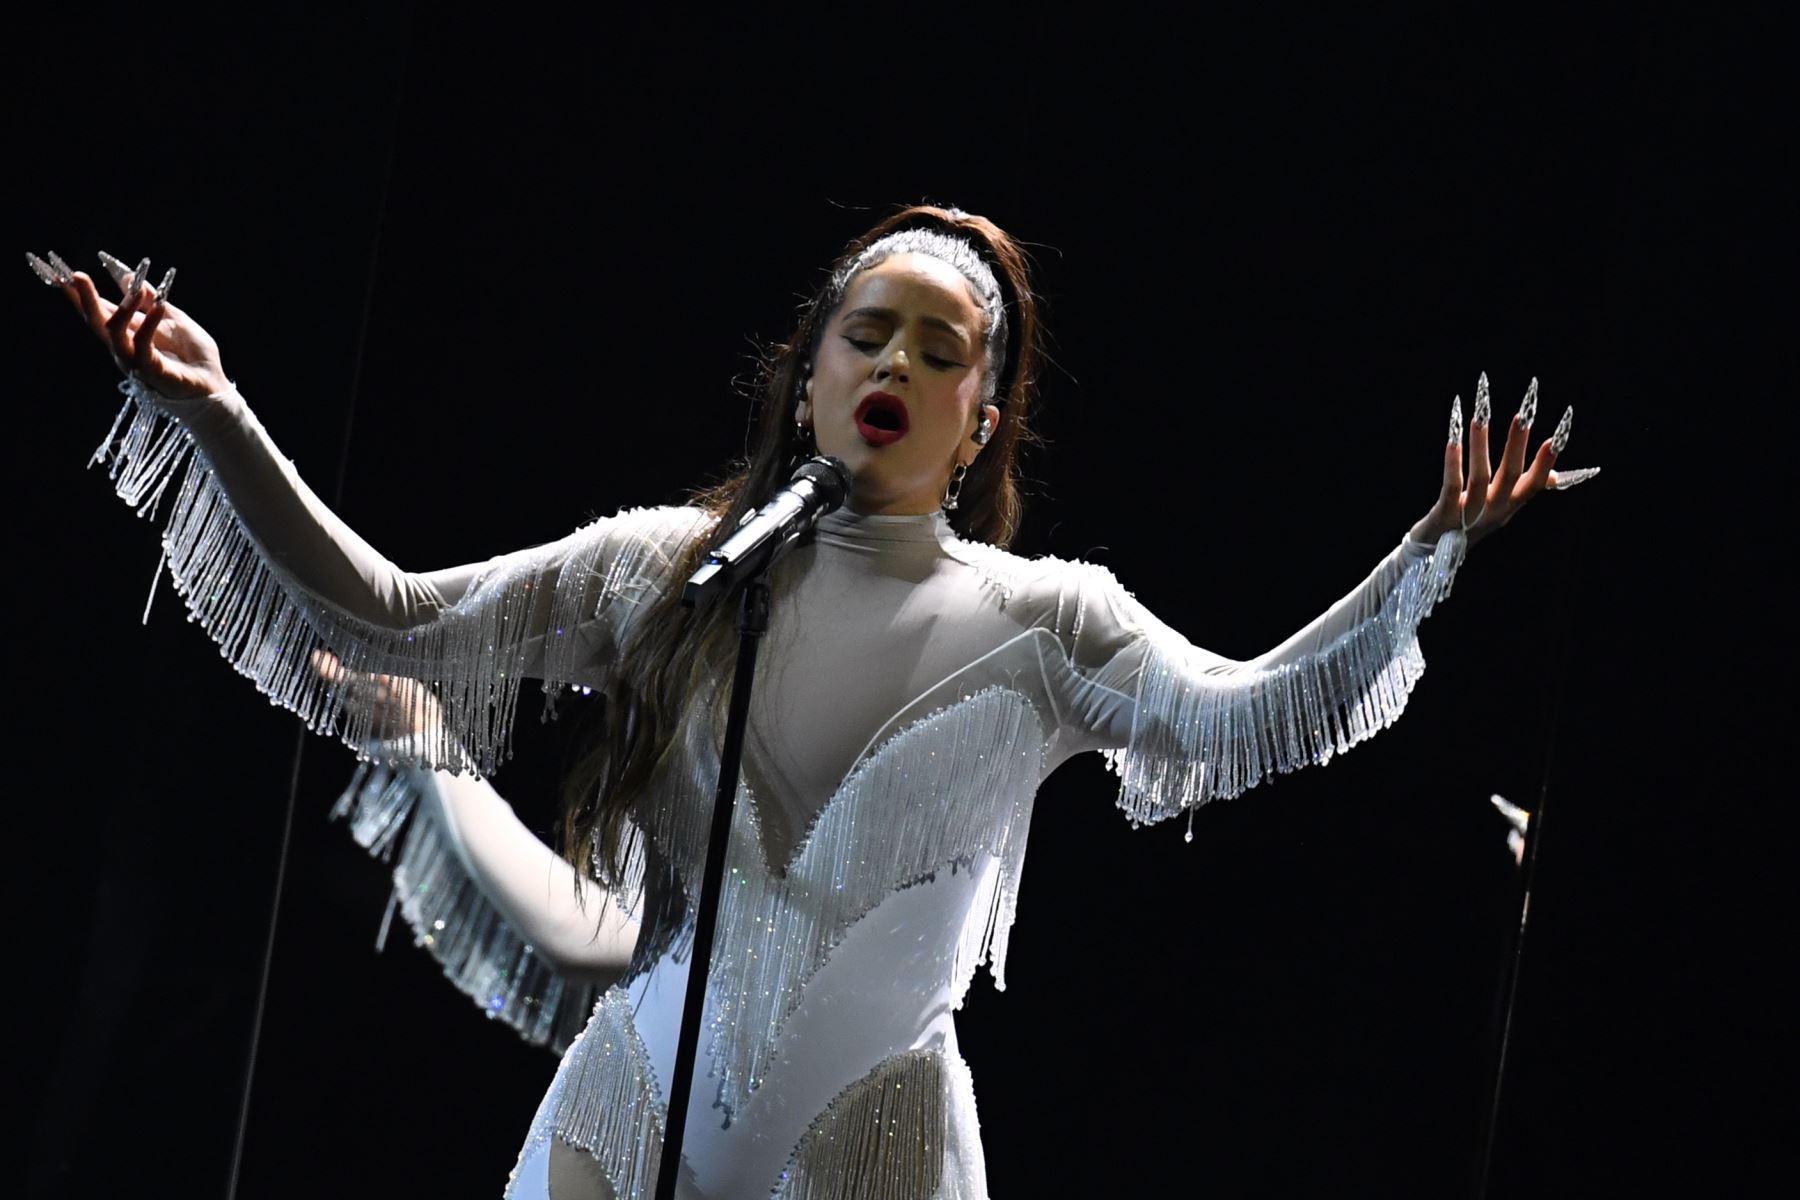 Rosalía actúa en el escenario durante la 62a Entrega Anual de los Premios GRAMMY en el Staples Center en Los Ángeles, California. Foto: AFP